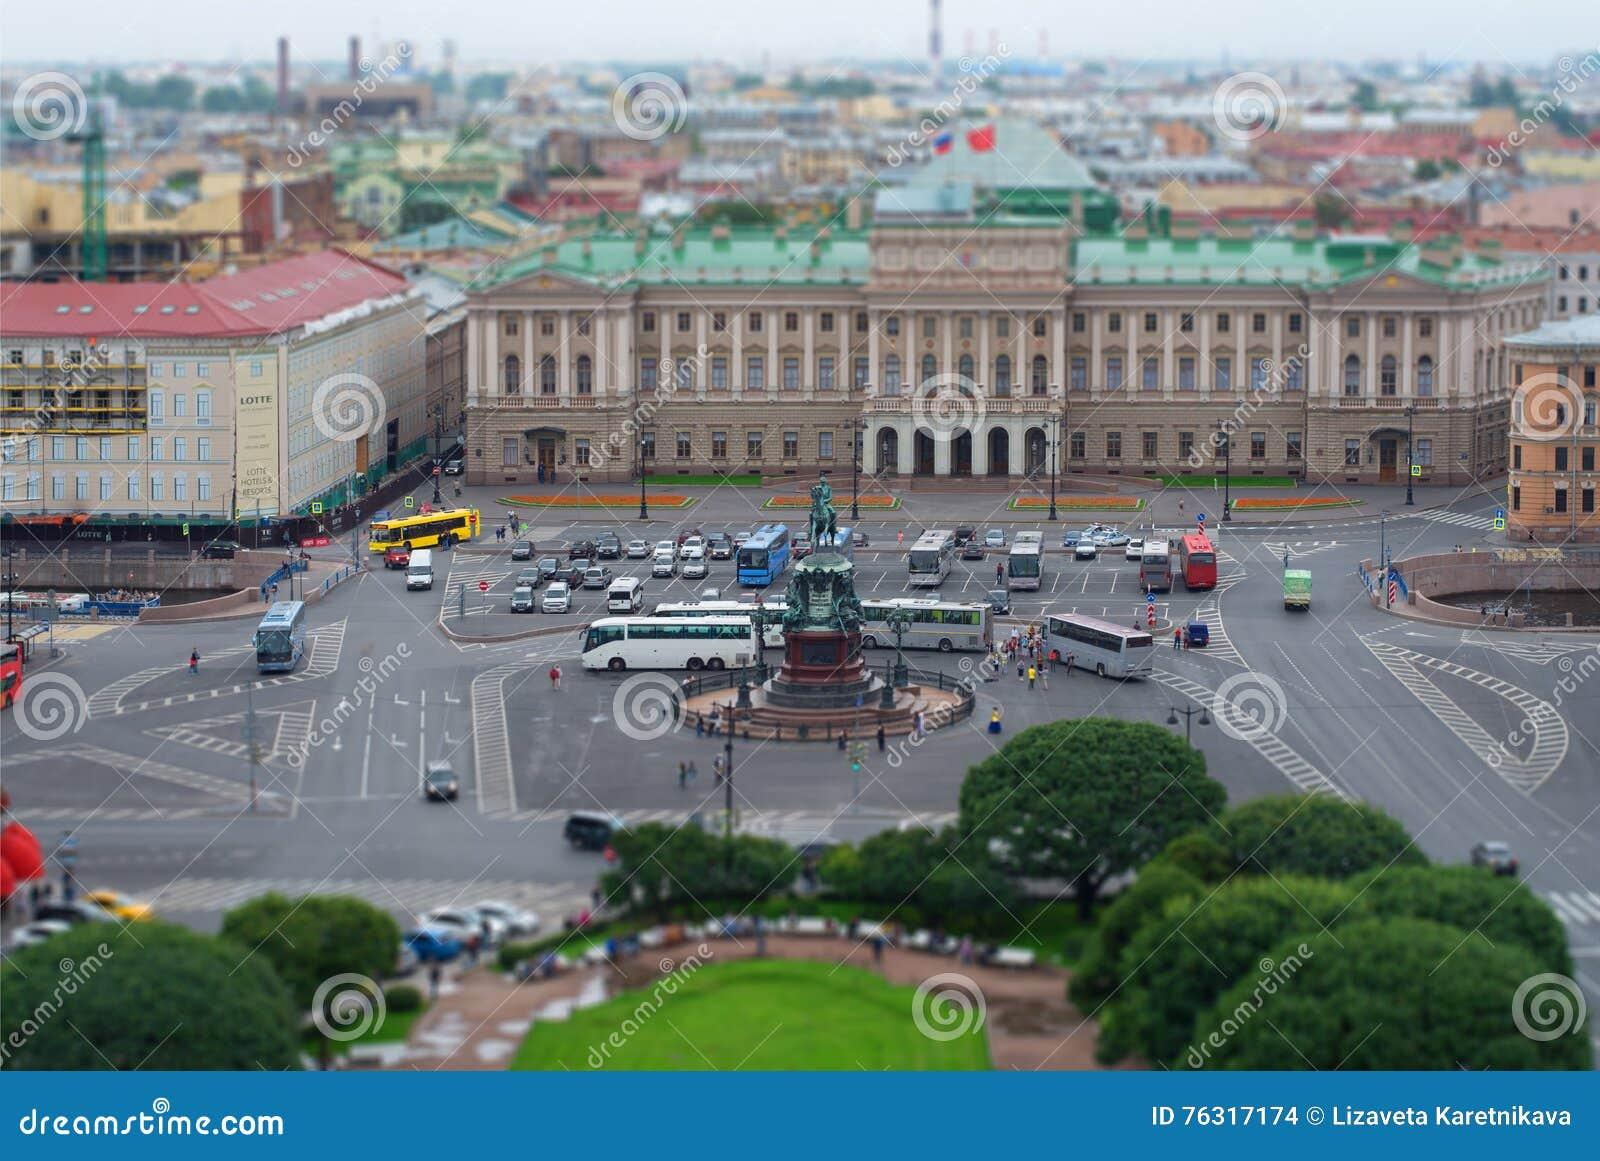 06 Sierpień, 2016 - Panoramiczny widok świętego Isaac kwadrat w StPetersburg, Rosja